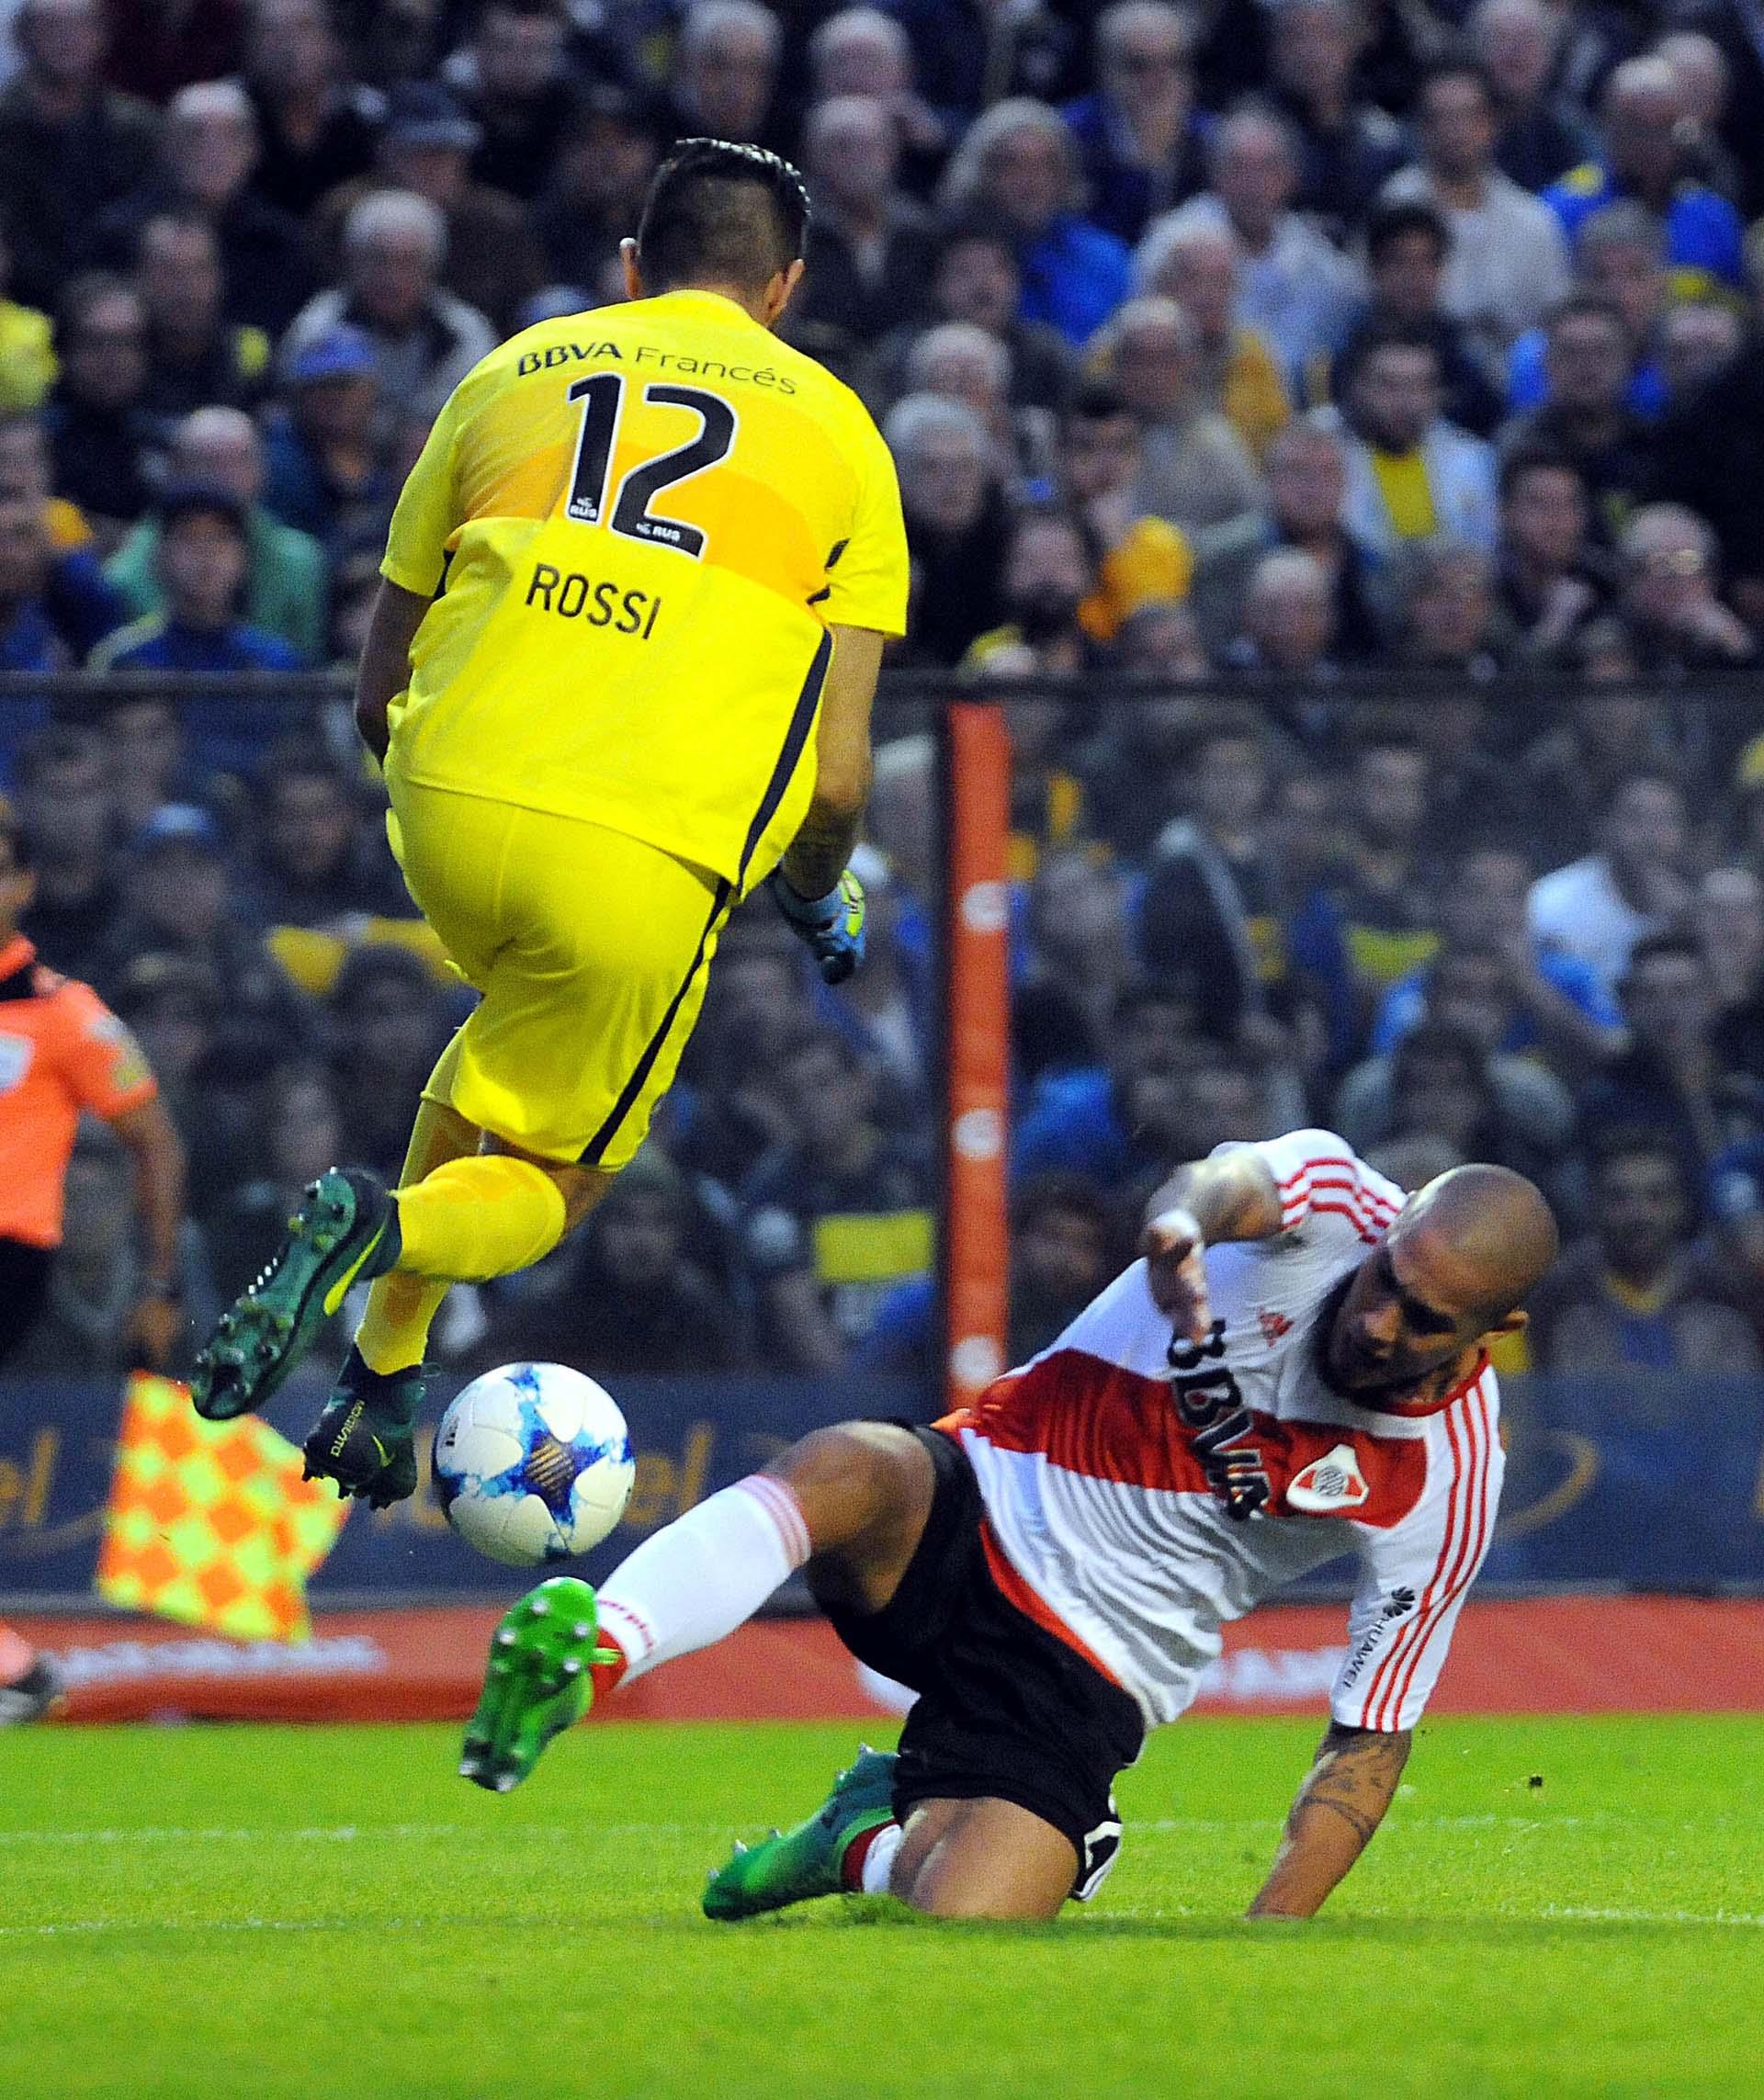 En el aire, el arquero xeneize Agustín Rossi bloquea una pelota